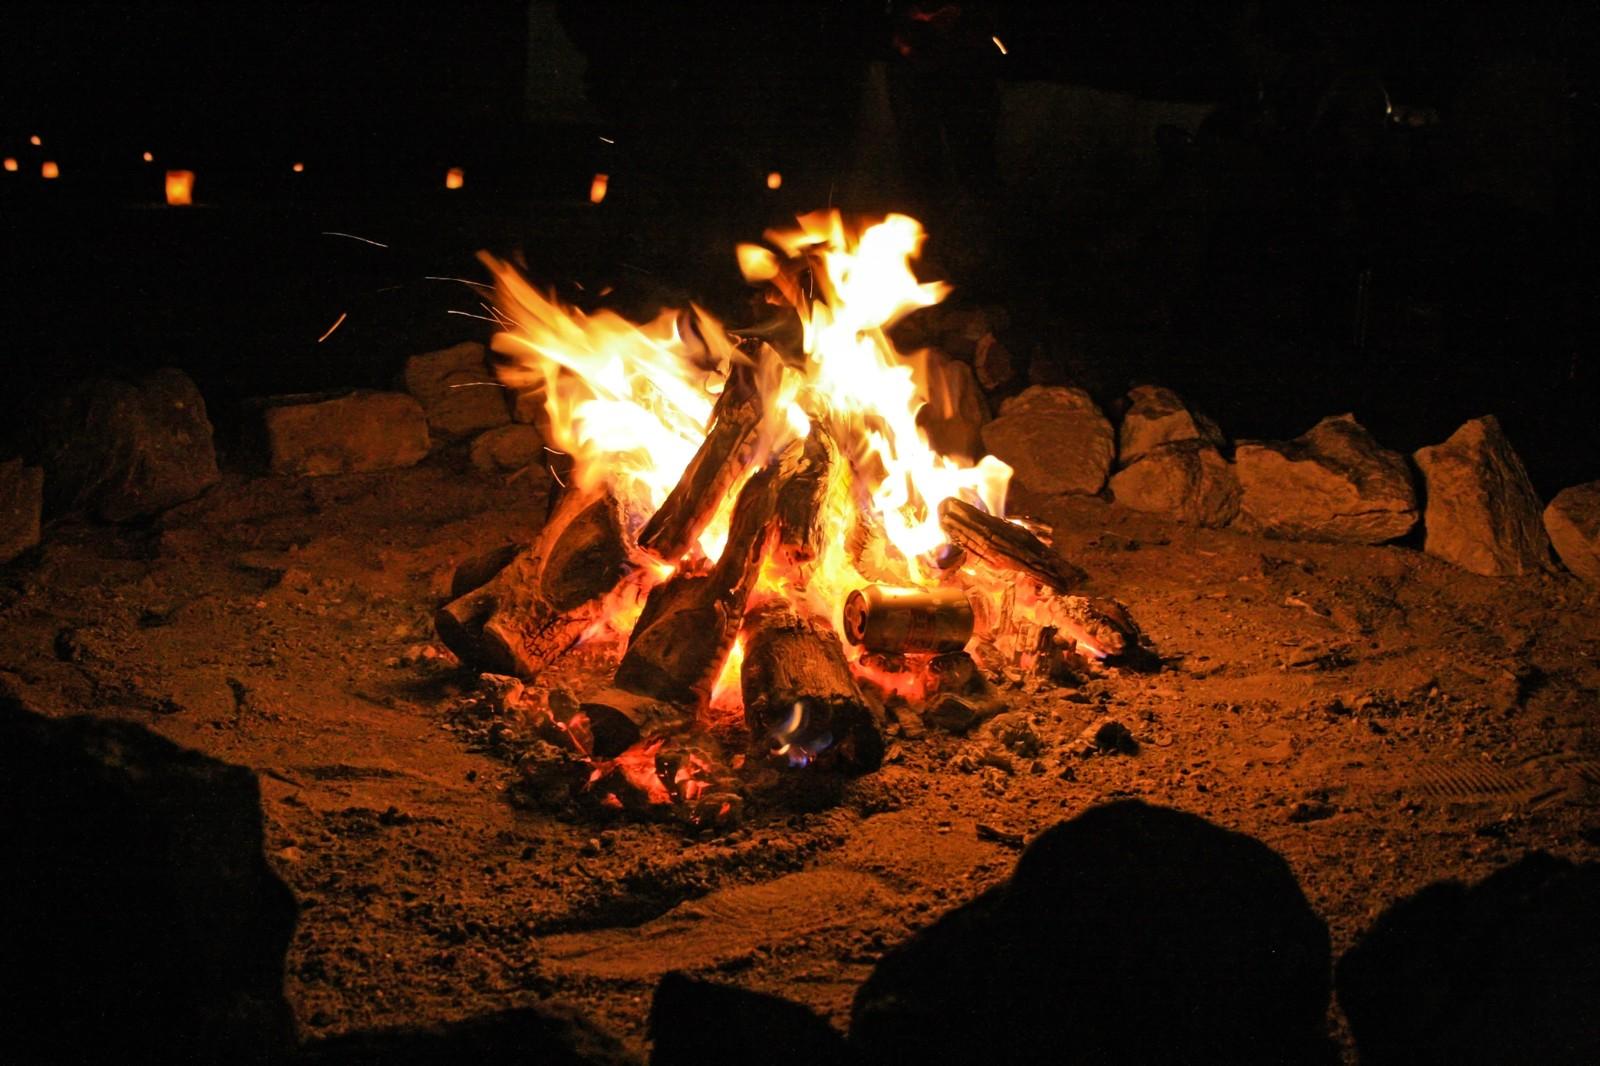 焚き火用タープは難燃性に優れている人気アイテム!おすすめ商品11選!